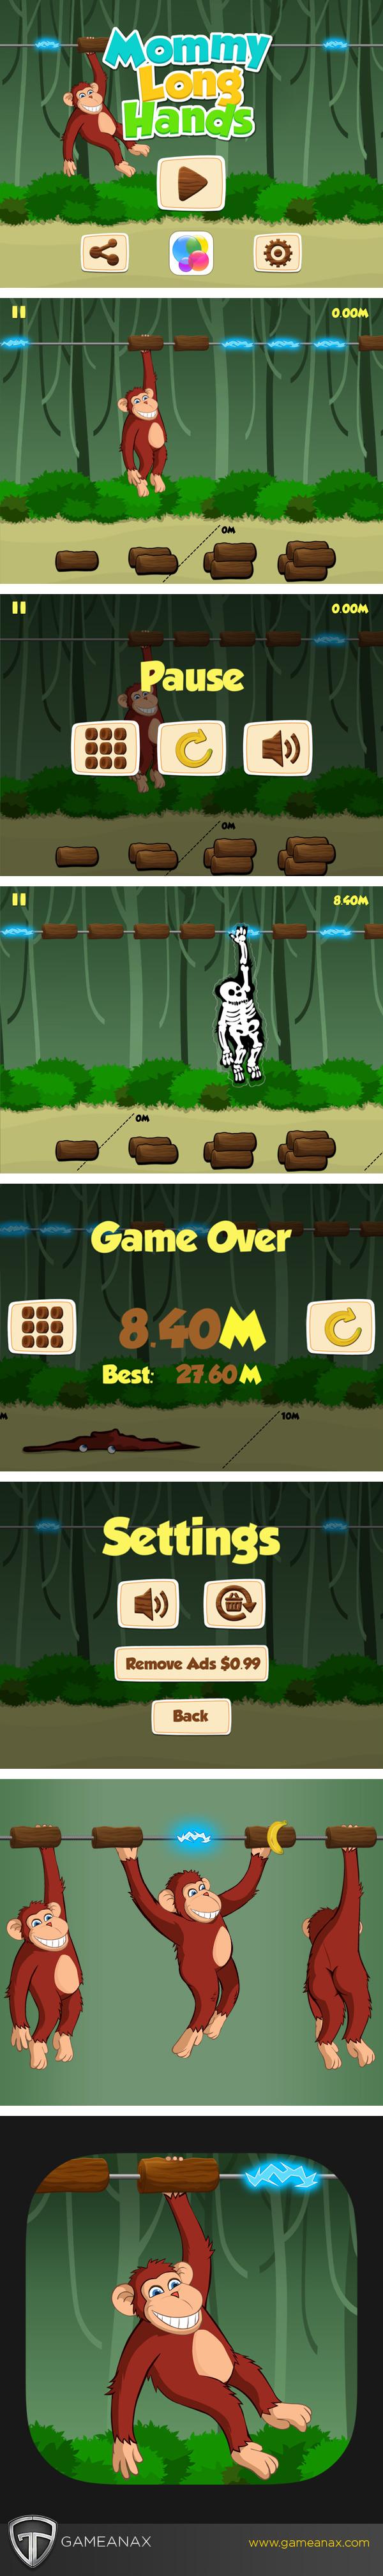 UI ux iphone iPad Gaming Games mobile gaming